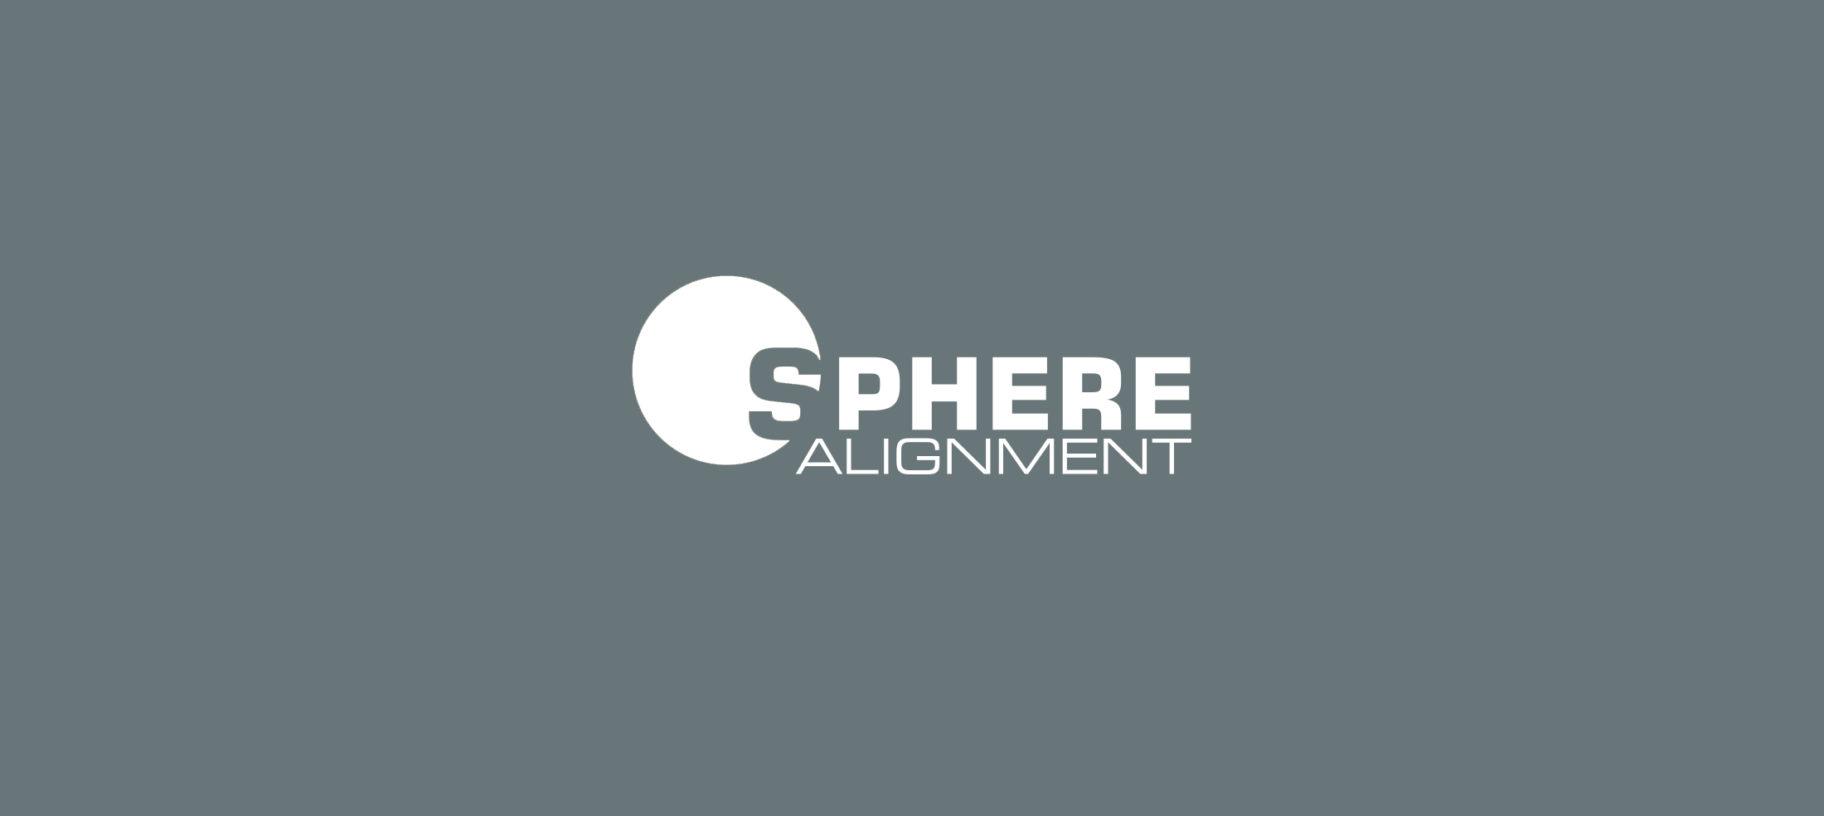 SPHERE-Alignment-logo-grigio